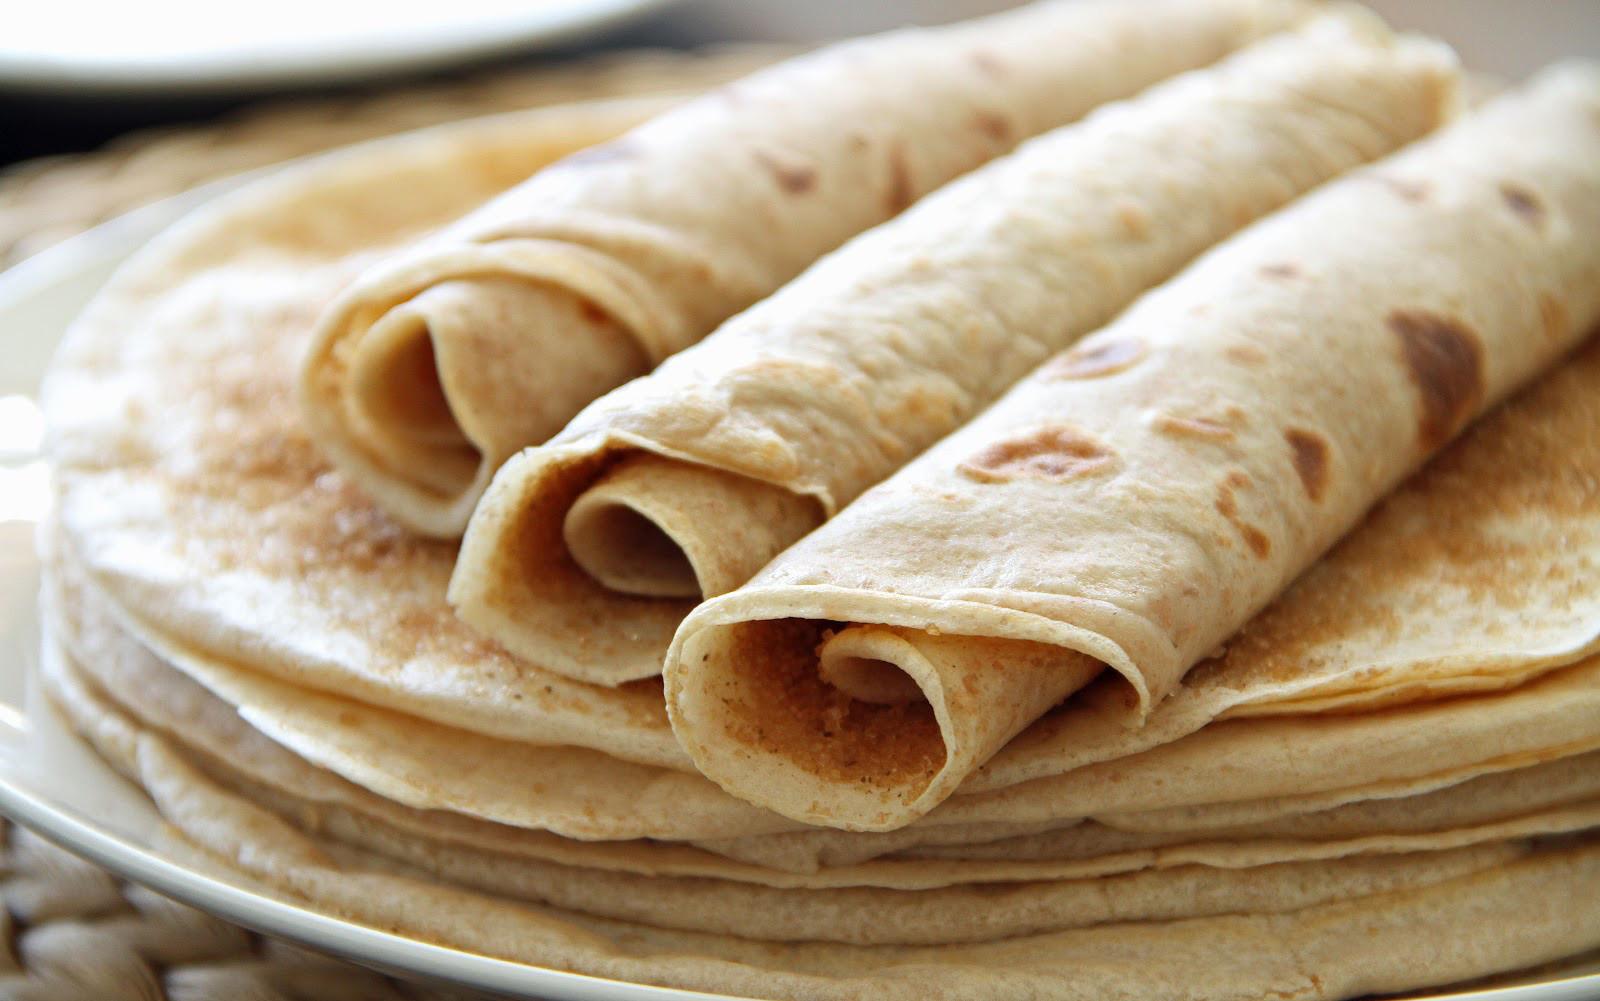 ハンガリー・ブダペストは食の宝庫!旅行したら必ず食べたい定番グルメ3品紹介